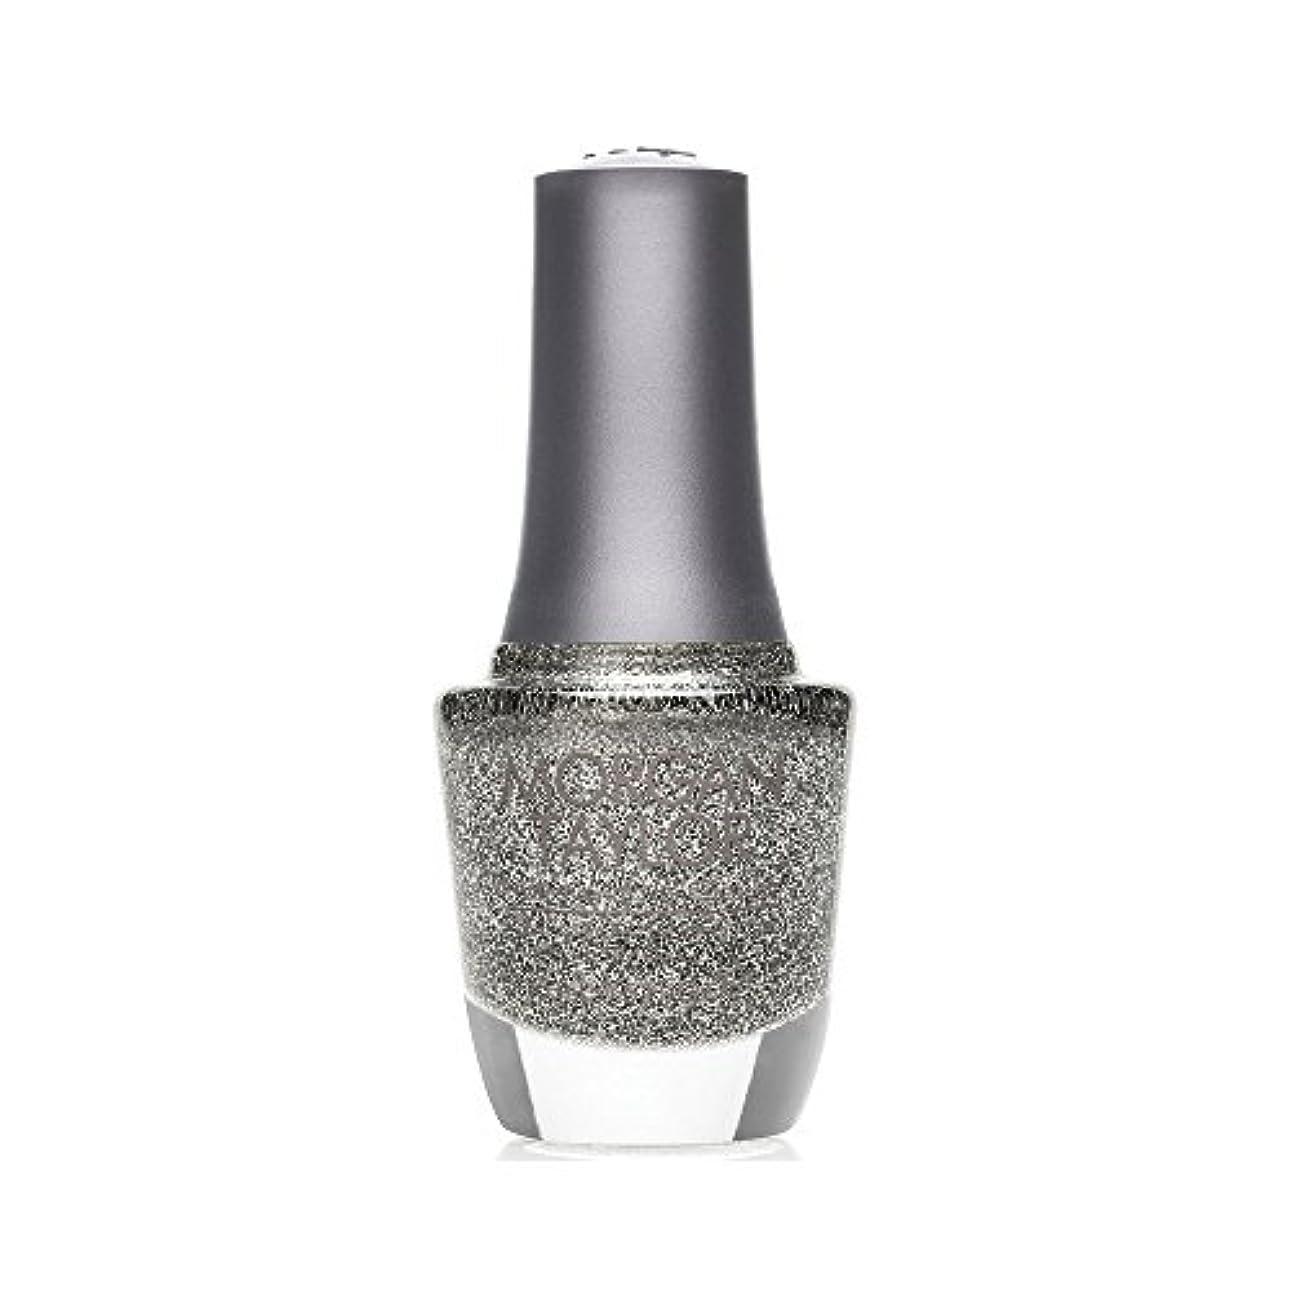 閉じるシットコム凶暴なMorgan Taylor - Professional Nail Lacquer - Time to Shine - 15 mL / 0.5oz